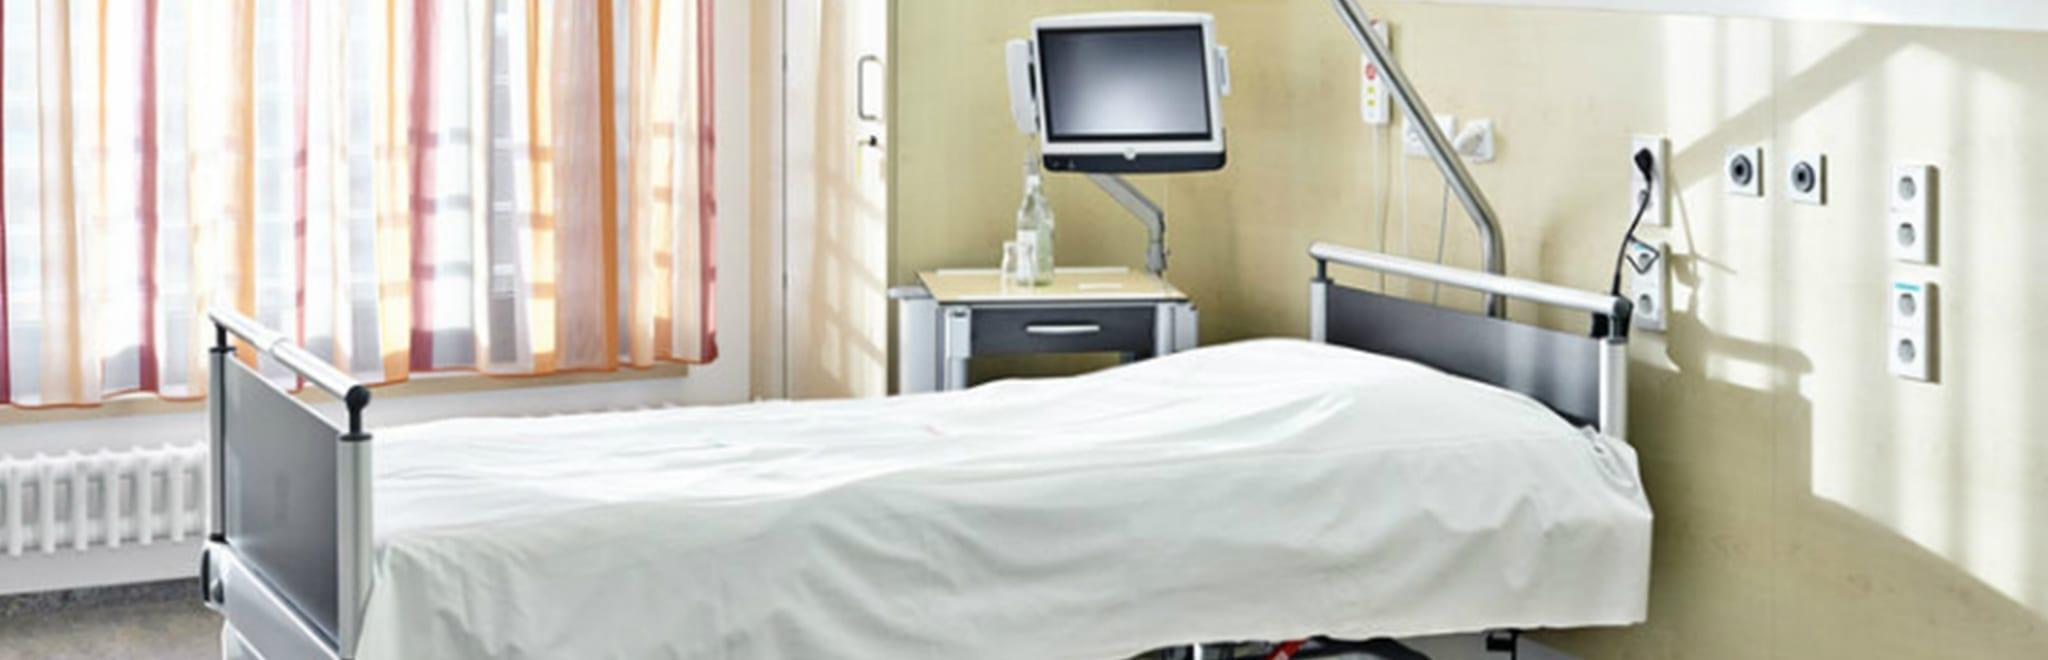 capaciteit van ziekenhuisbedden